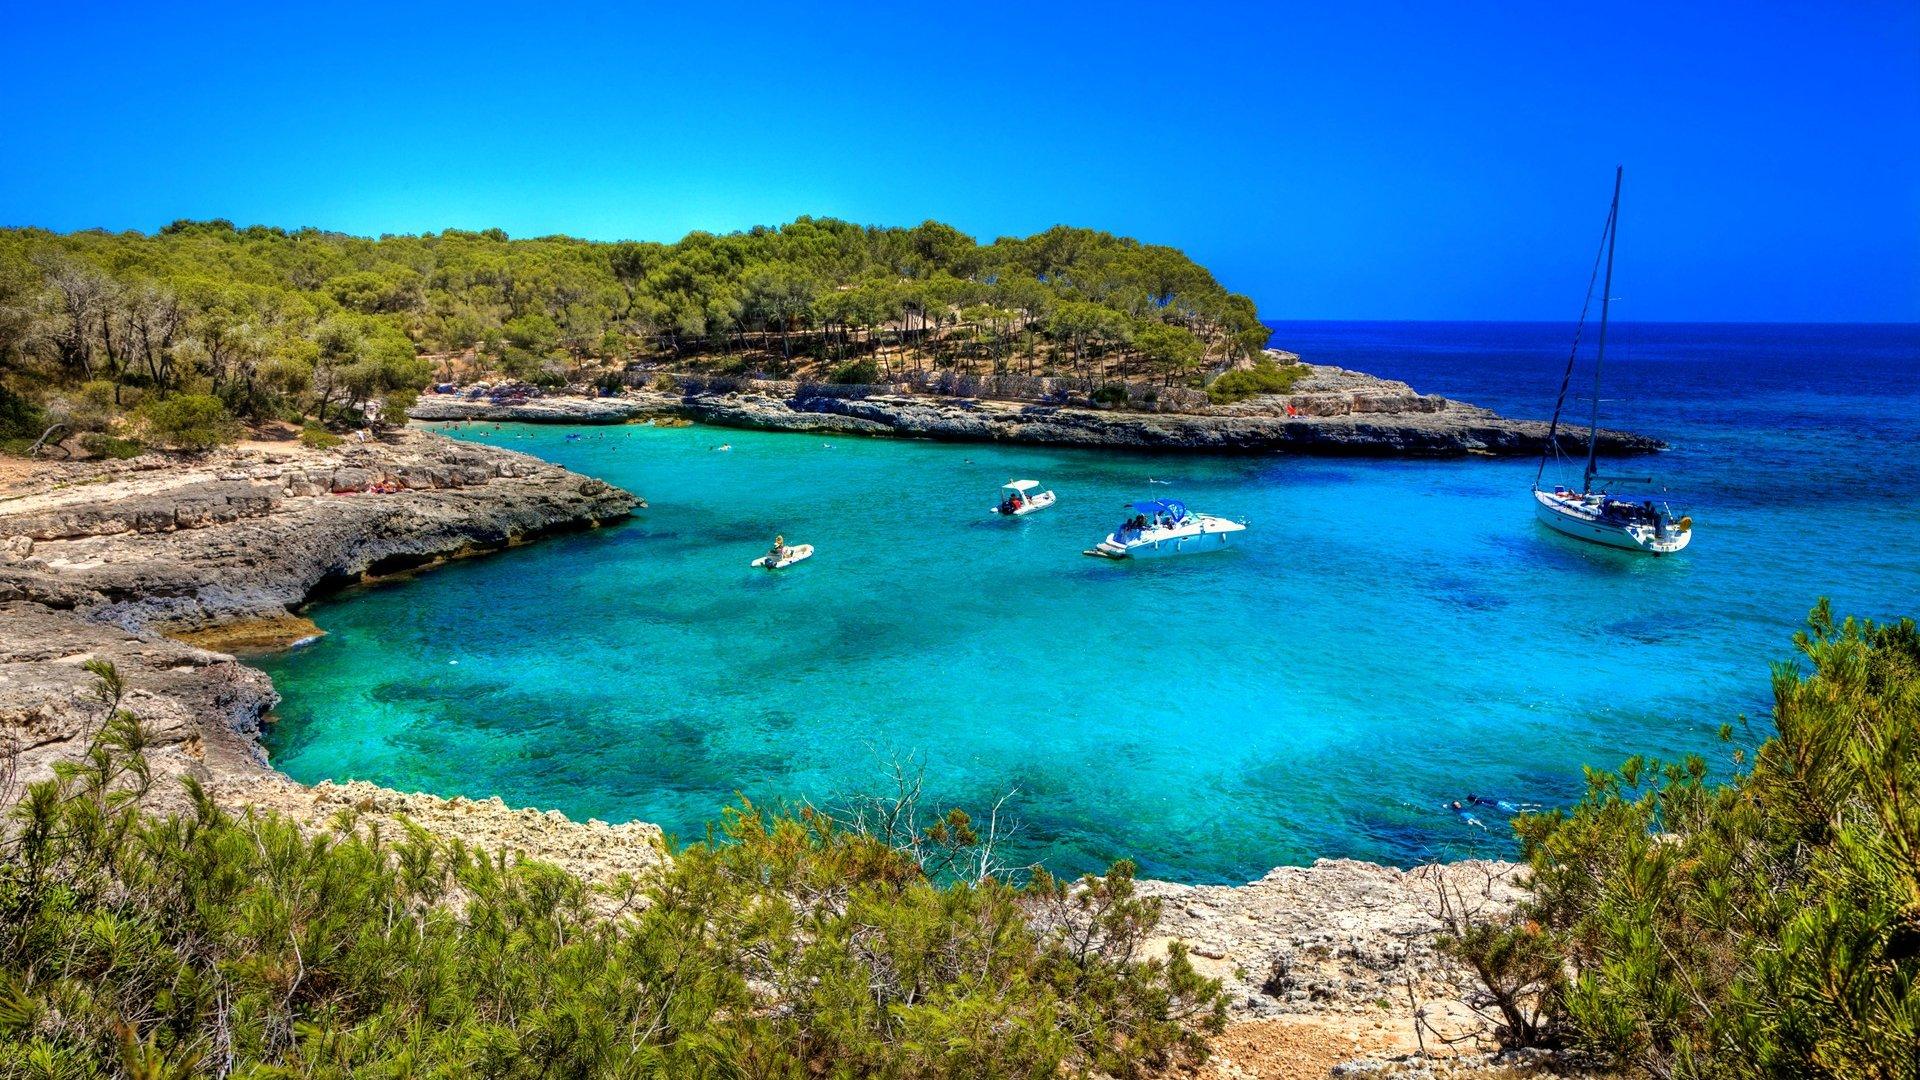 Maiorca e Menorca: 11 motivos para conhecer duas Ilhas Baleares